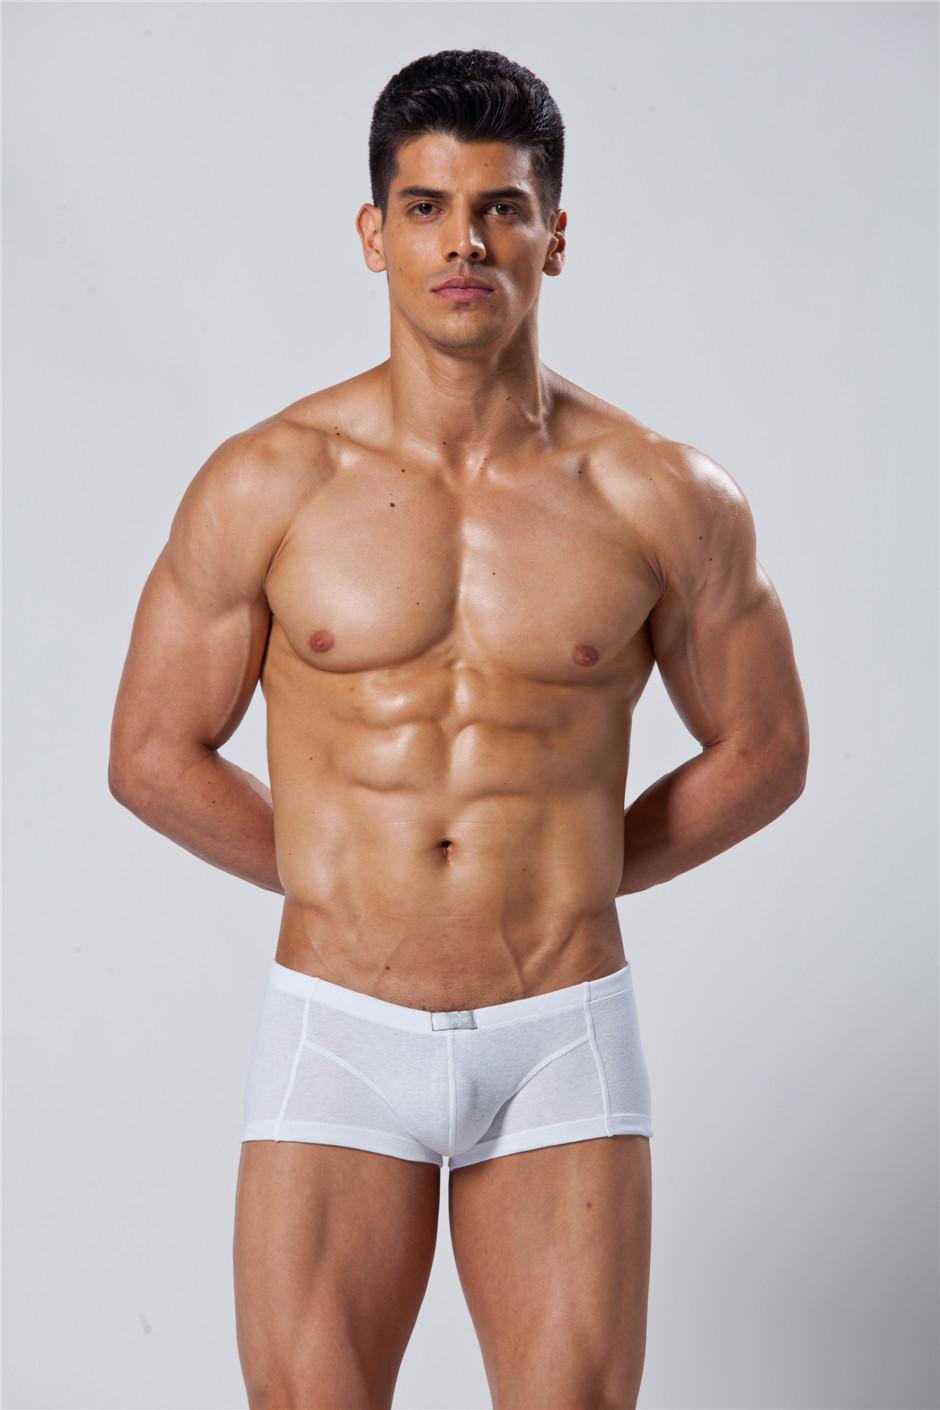 gay muscular men